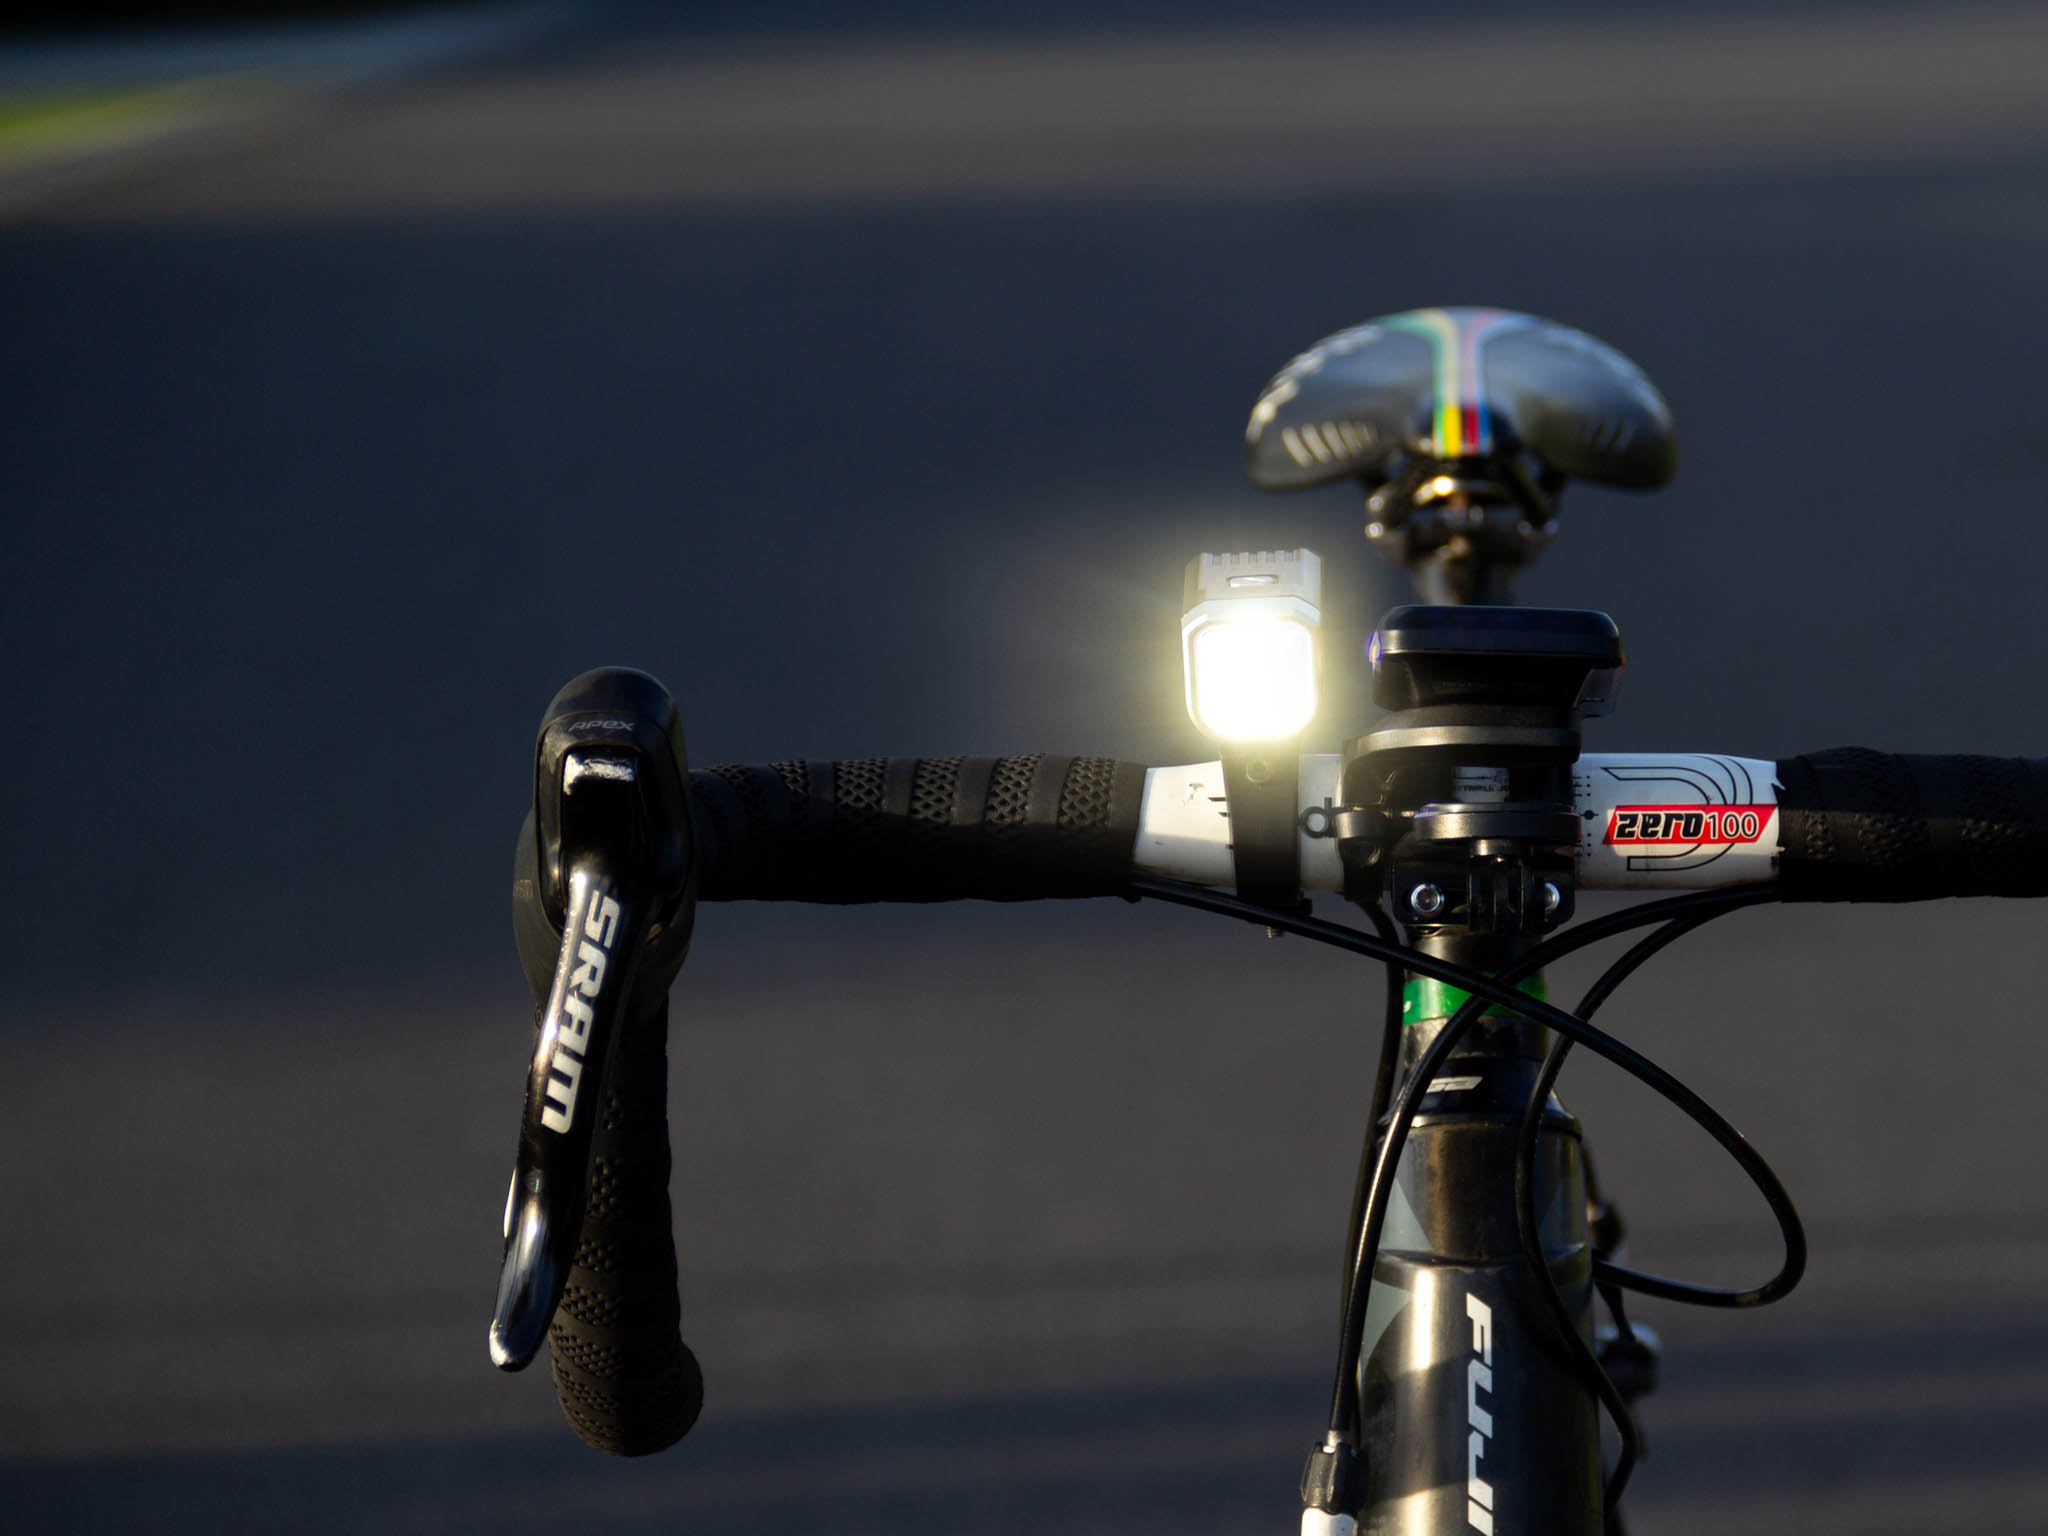 Cyklosvetlo Fenix BC25R